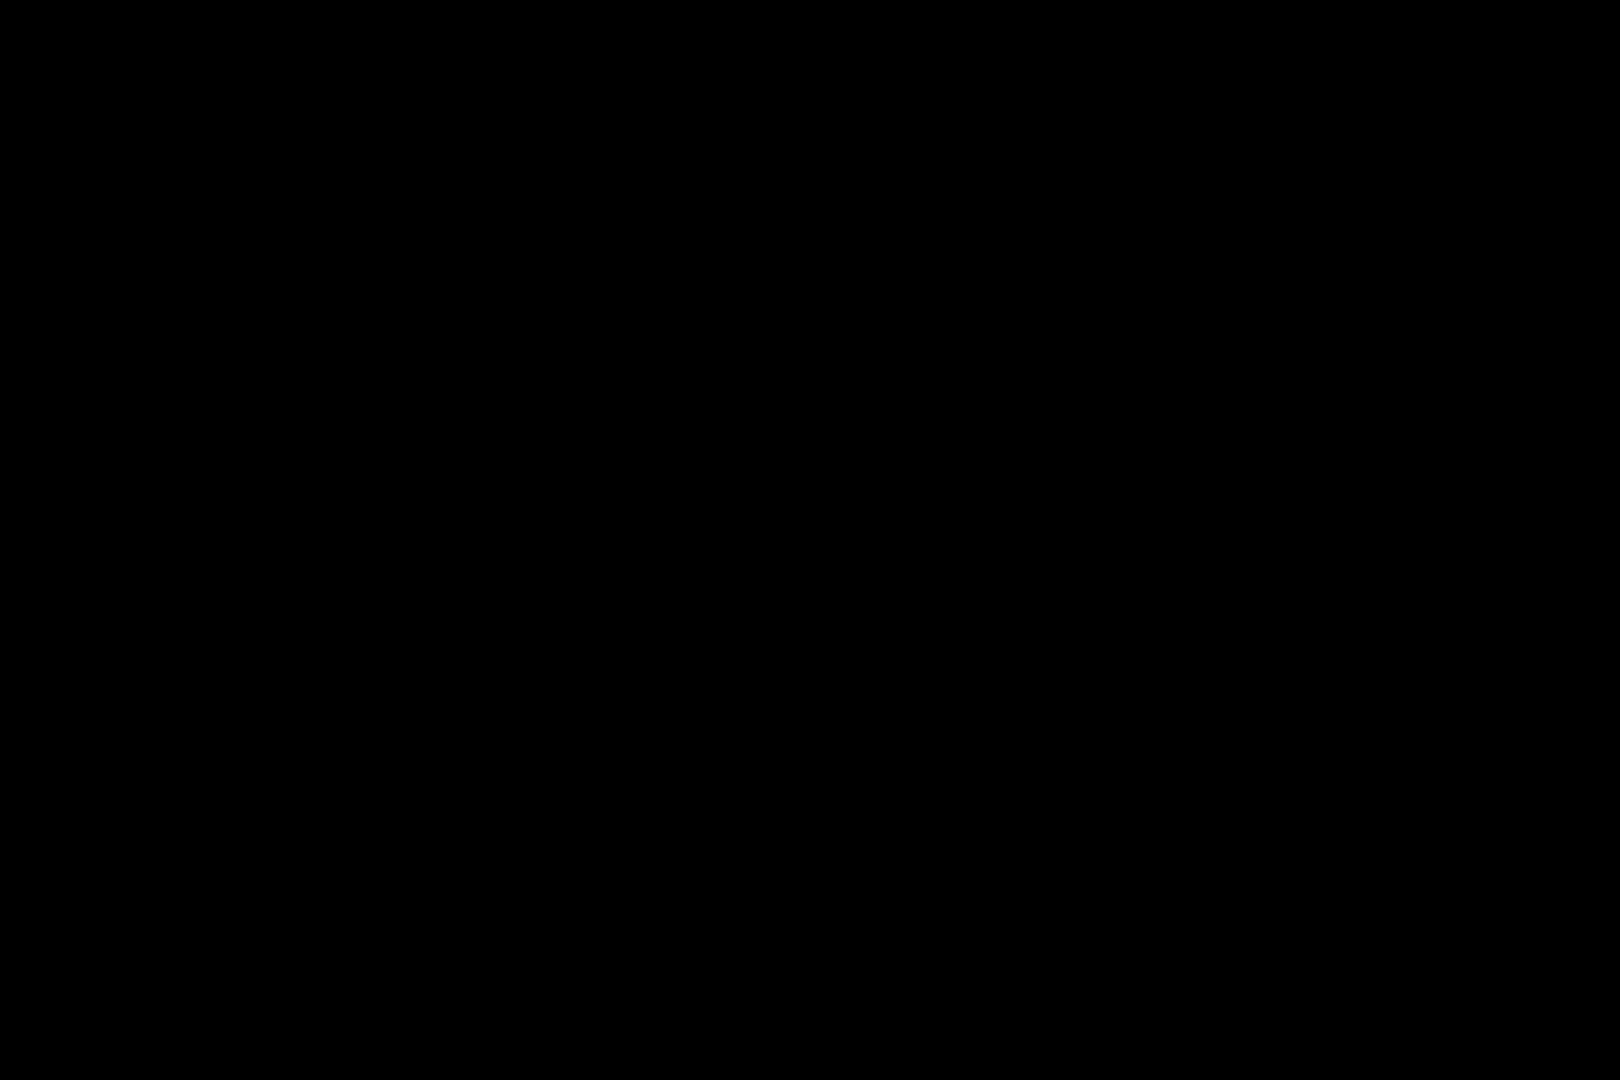 充血監督の深夜の運動会Vol.41 カップル ぱこり動画紹介 79画像 4